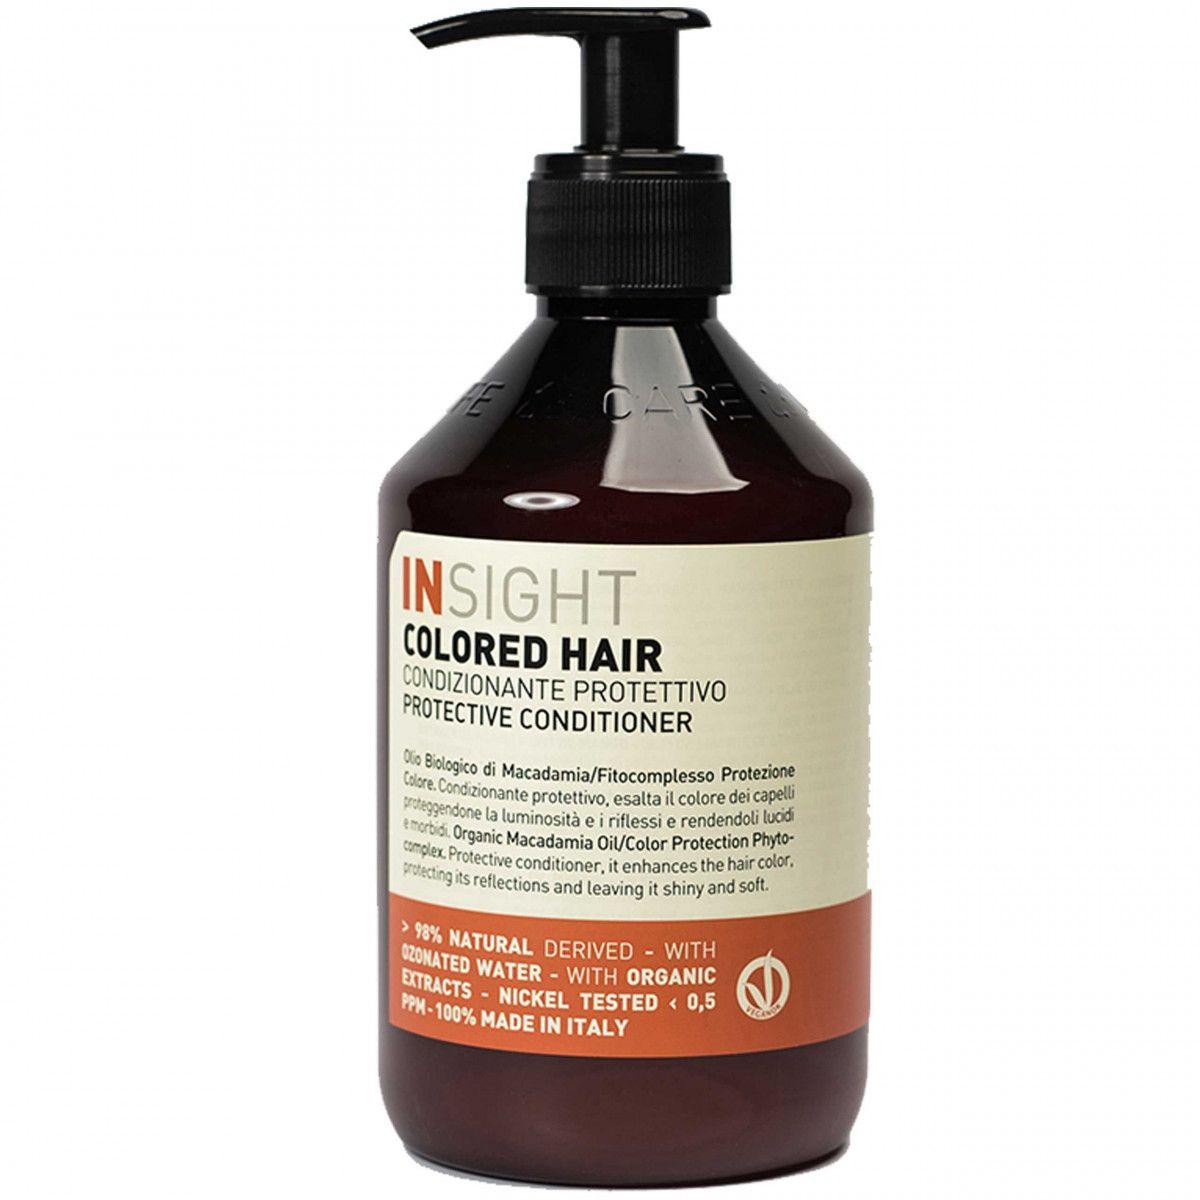 Insight Colored Hair Conditioner odżywka wzmacniająca kolor 400ml